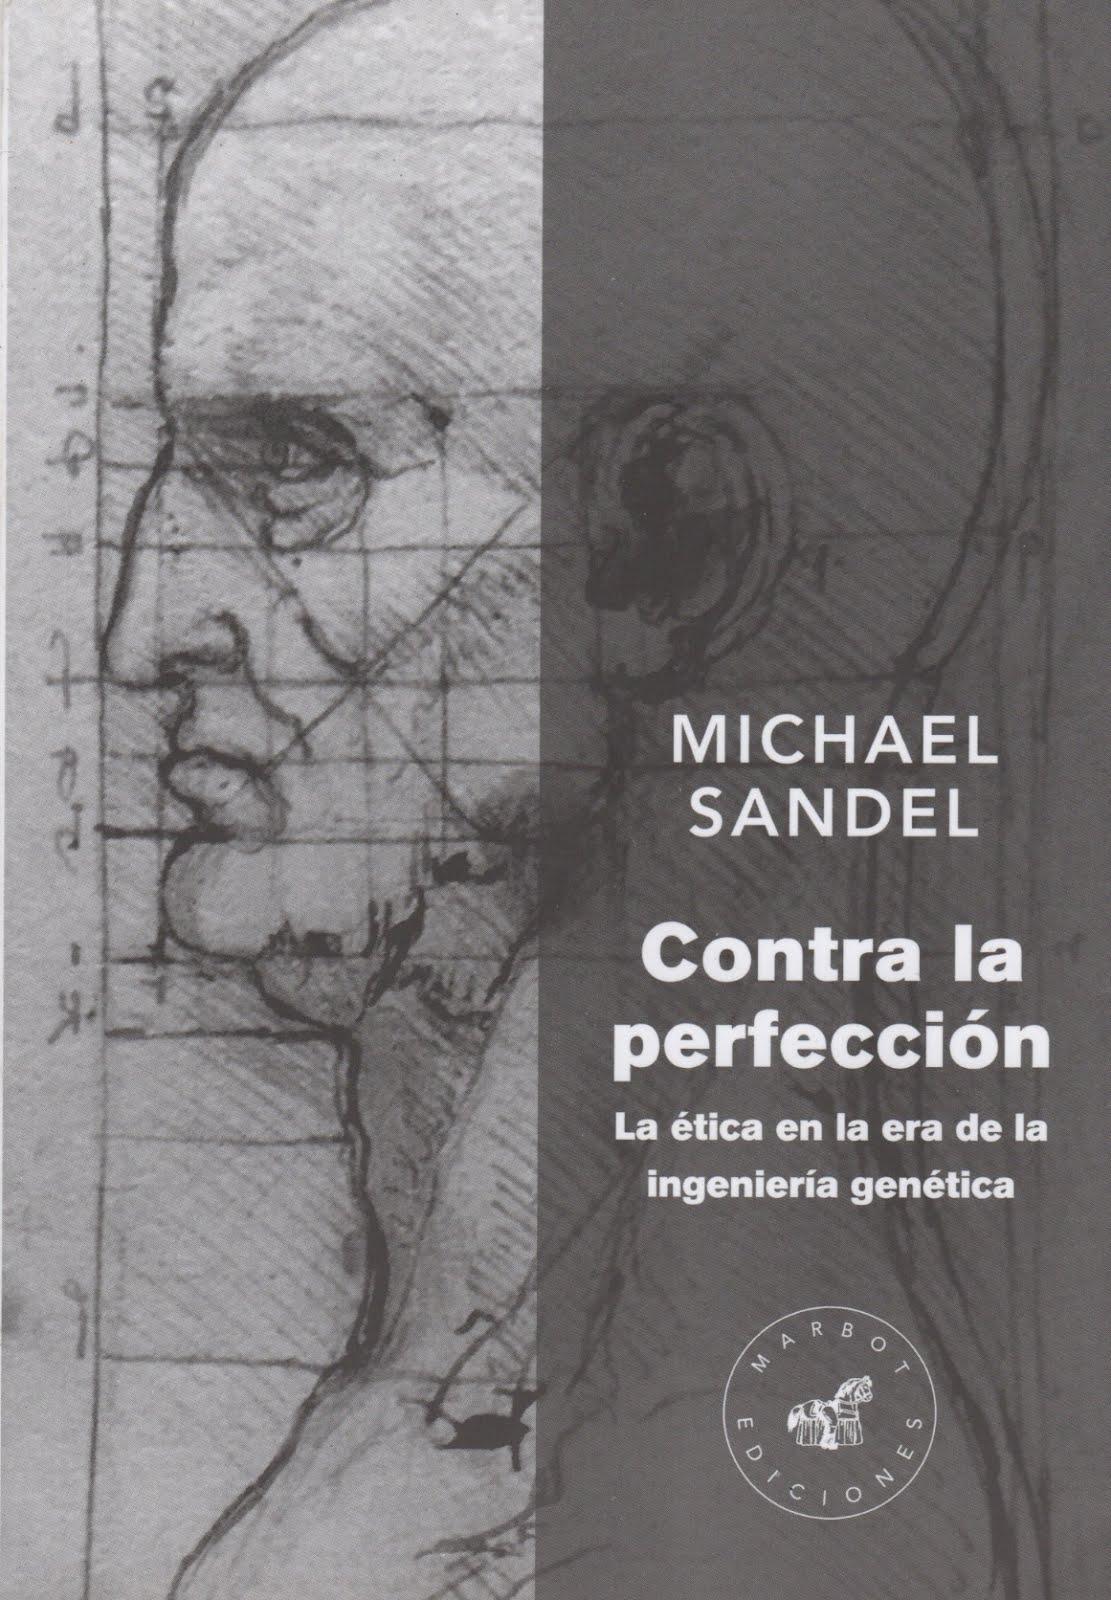 Michael Sandel (Contra la perfección) La ética en la era de la ingeniería genética.